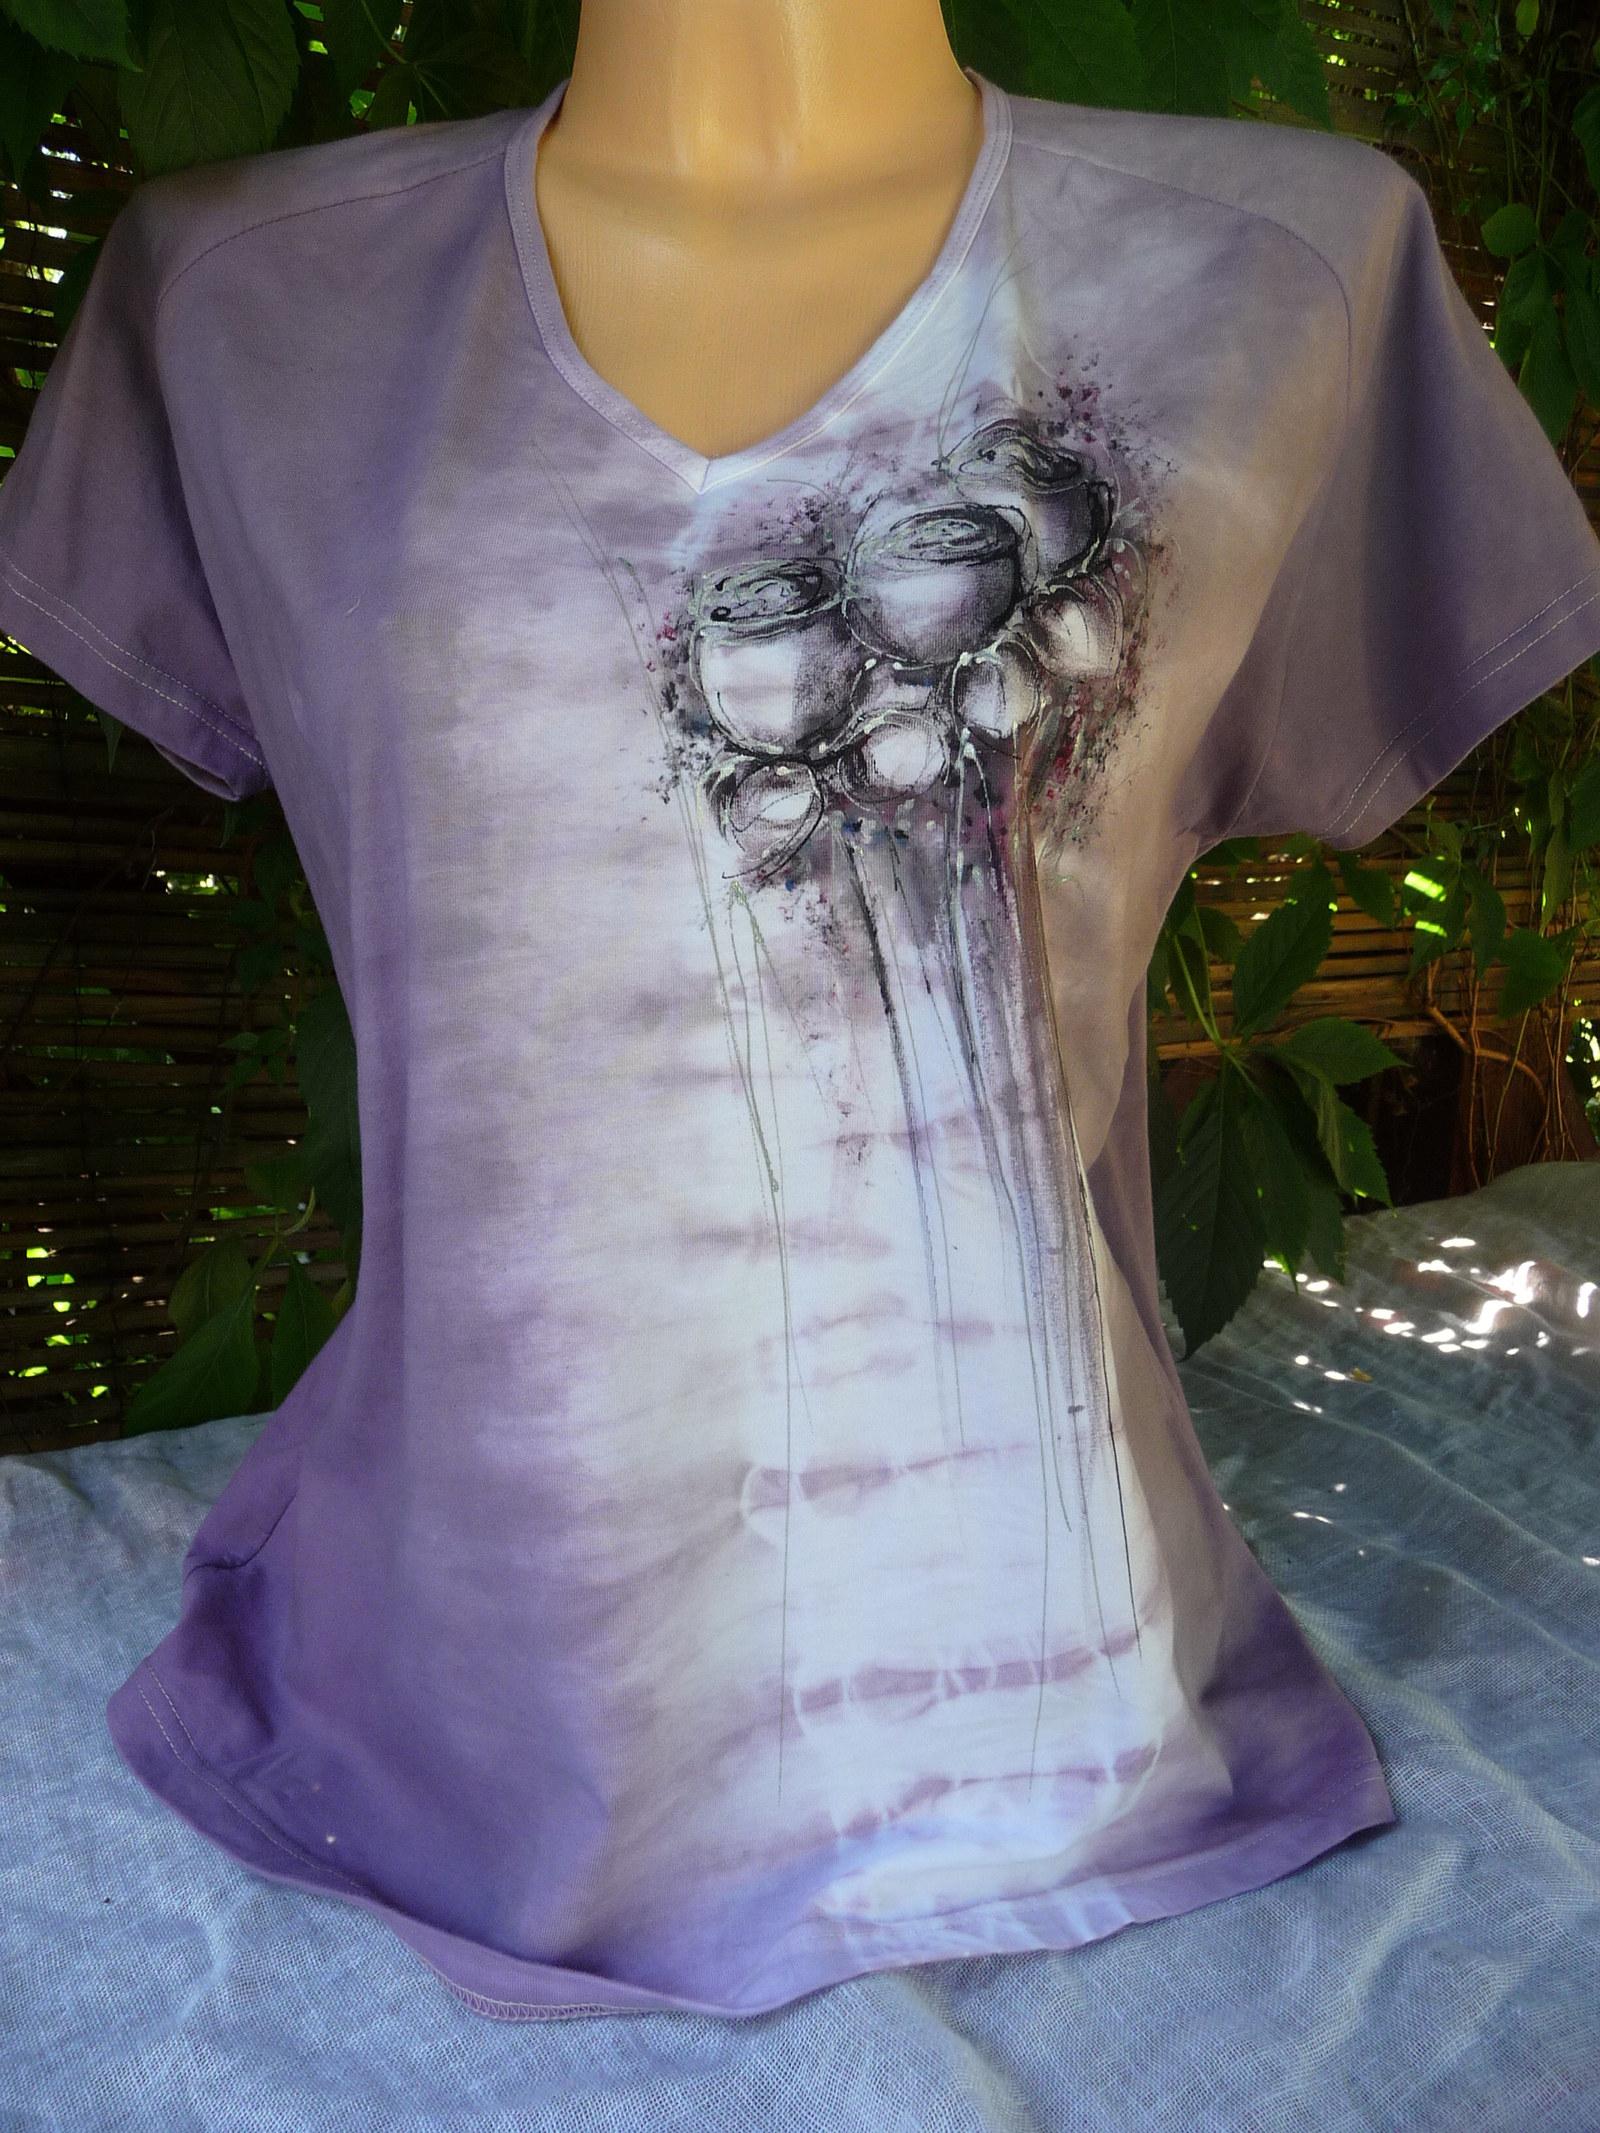 Dámské batikované triko s malbou růží( XXL)   Zboží prodejce ... 47e6a464ce